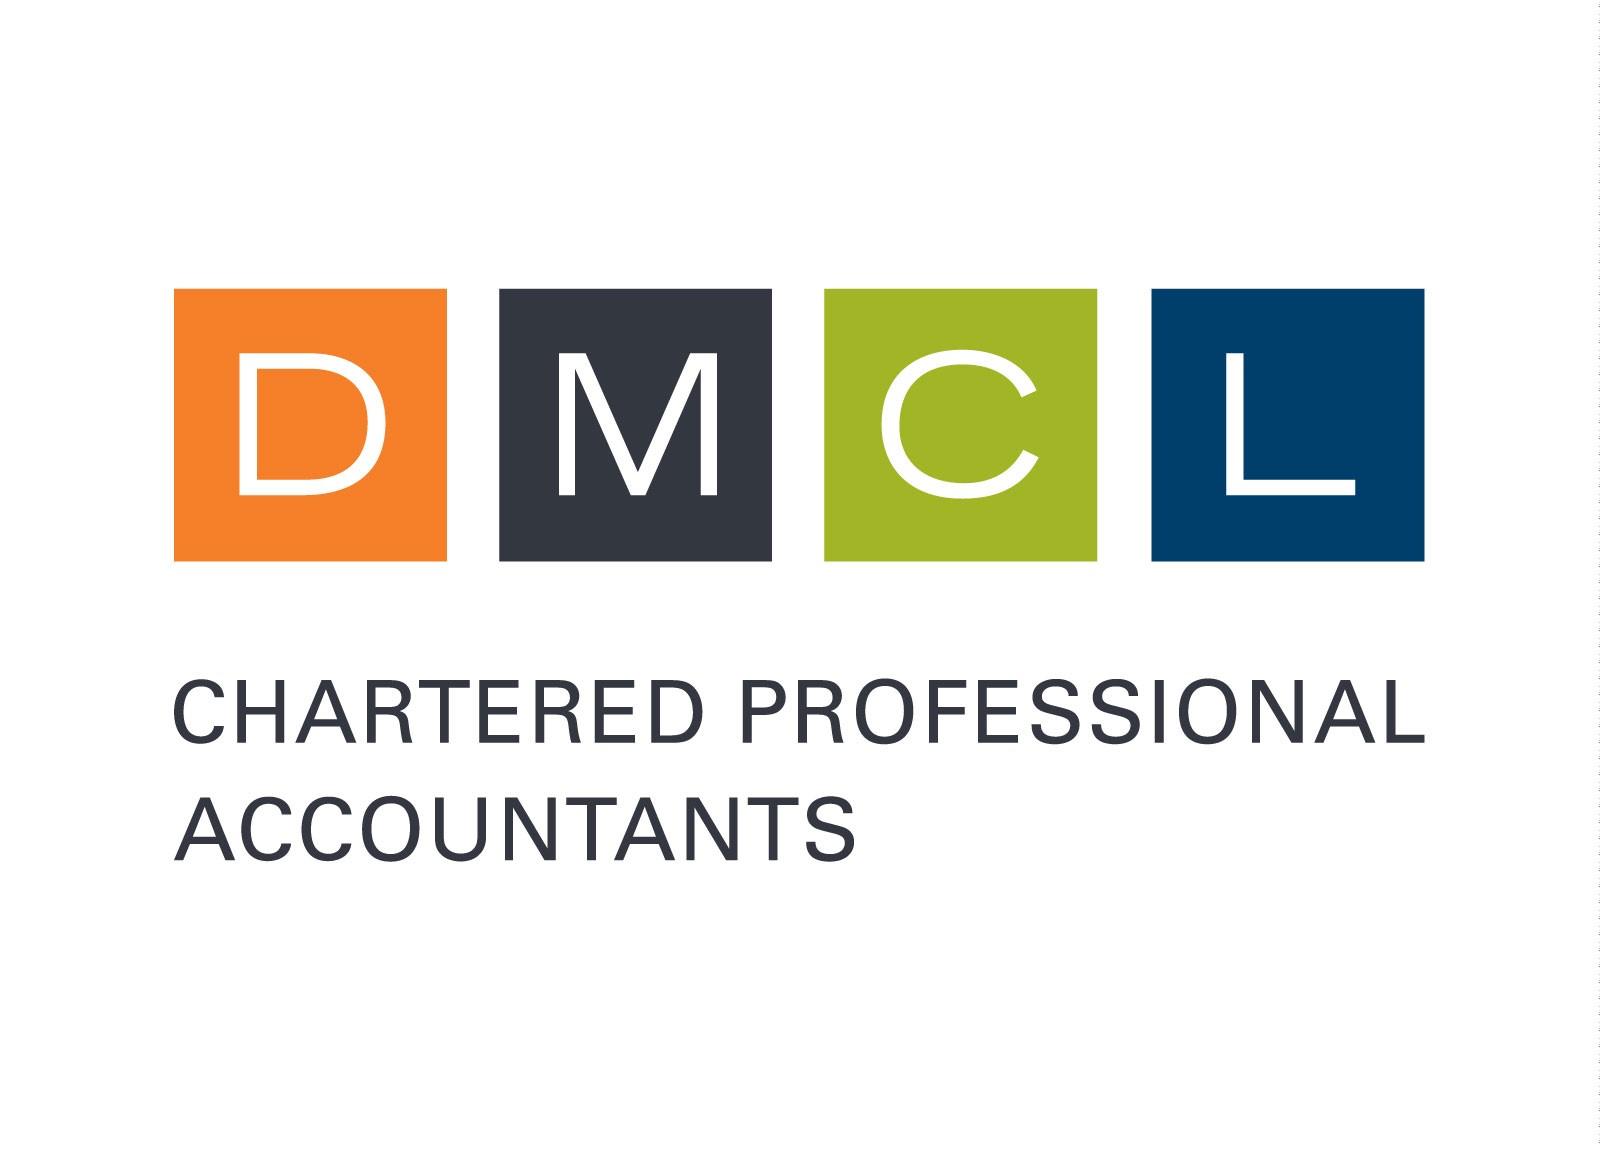 DMCL_Promo_Logo